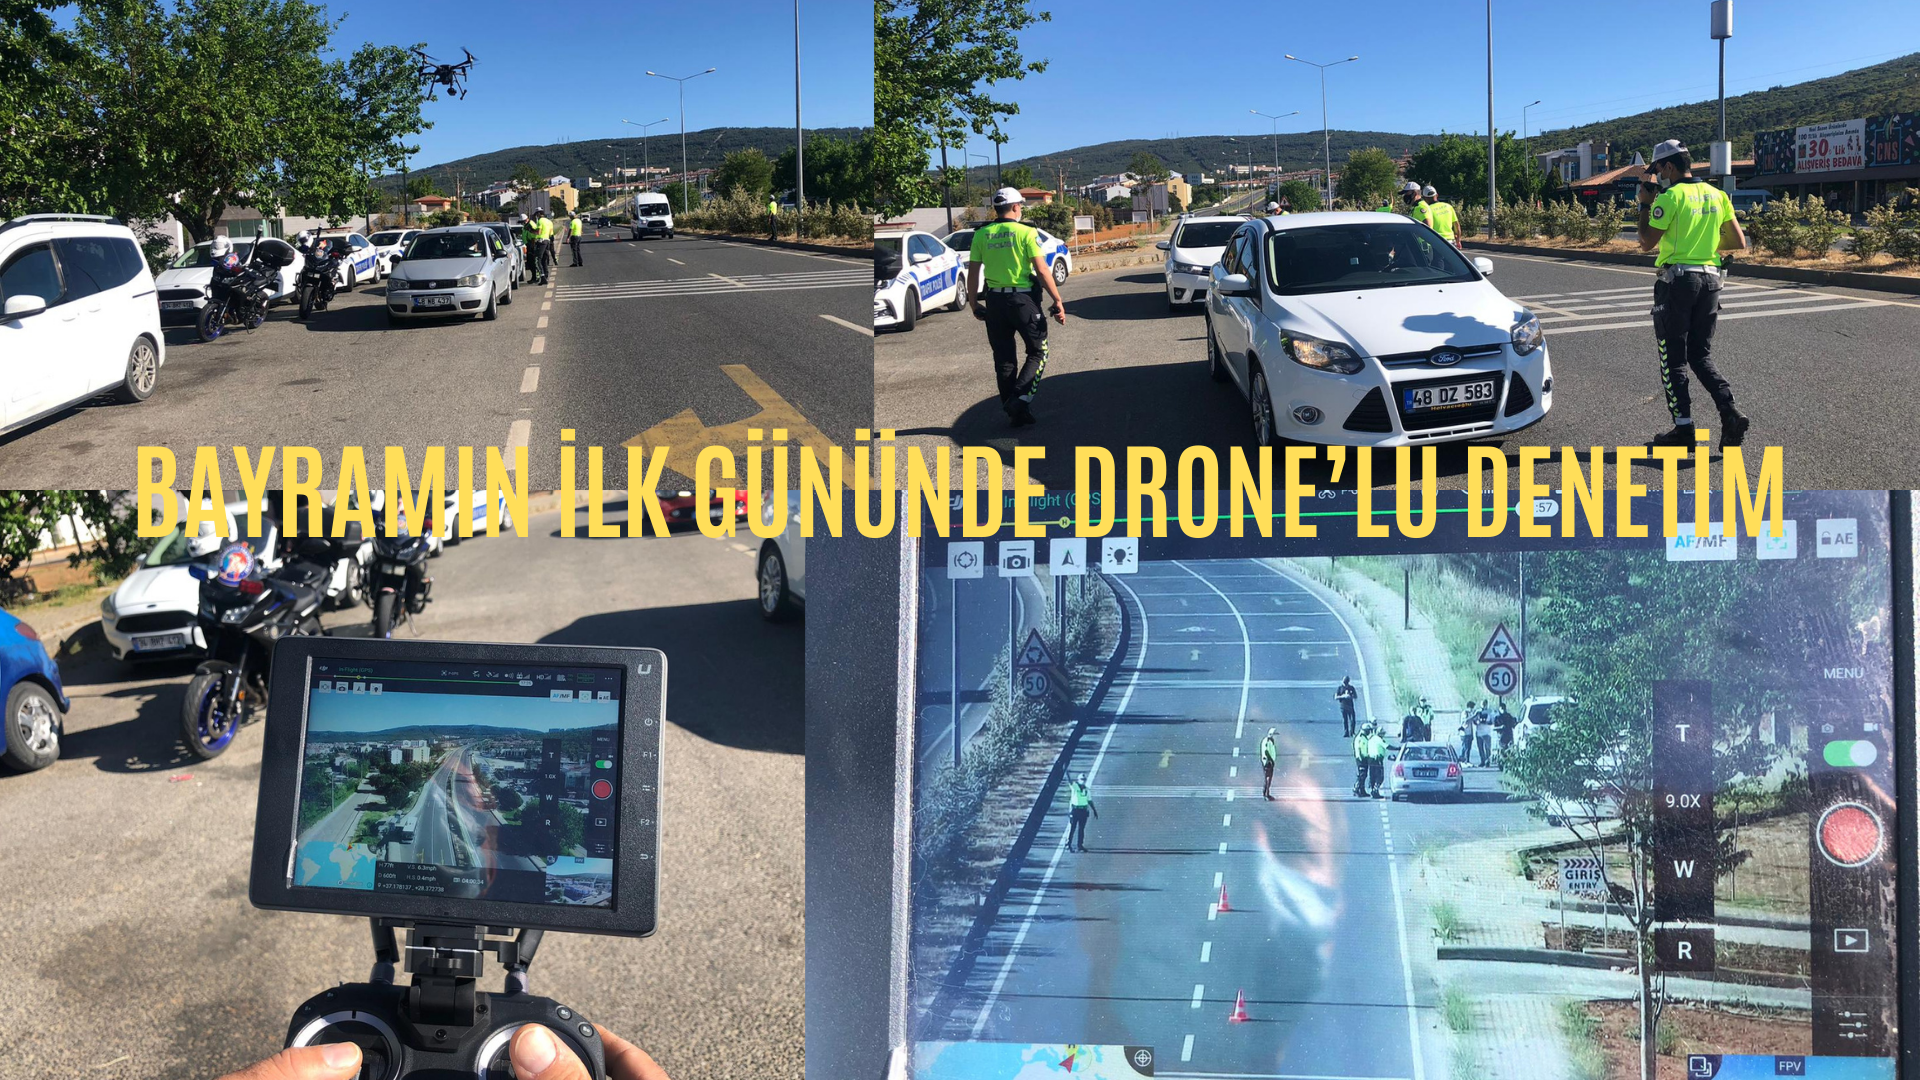 BAYRAMIN İLK GÜNÜNDE DRONE'LU DENETİM